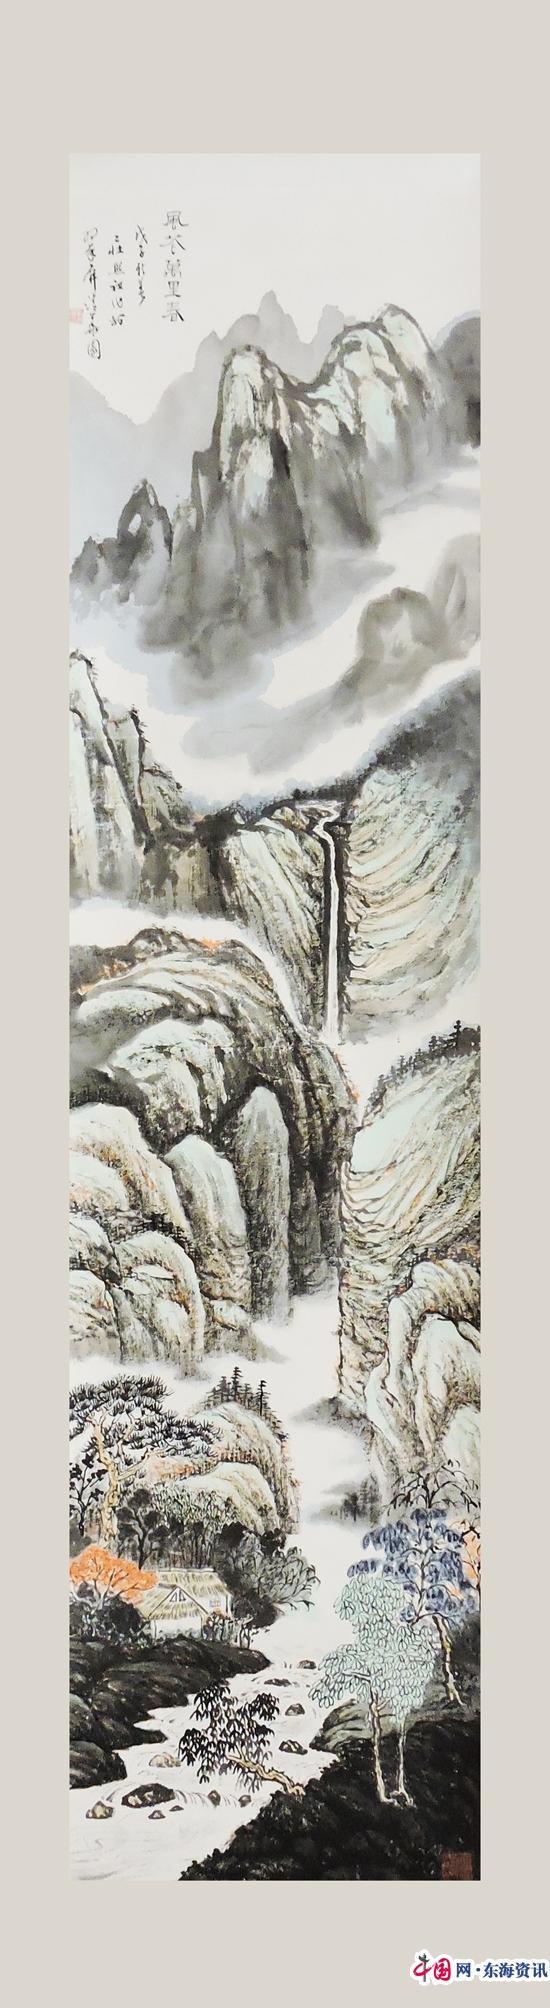 著名书画家华拓评庄希祖山水画(组图)